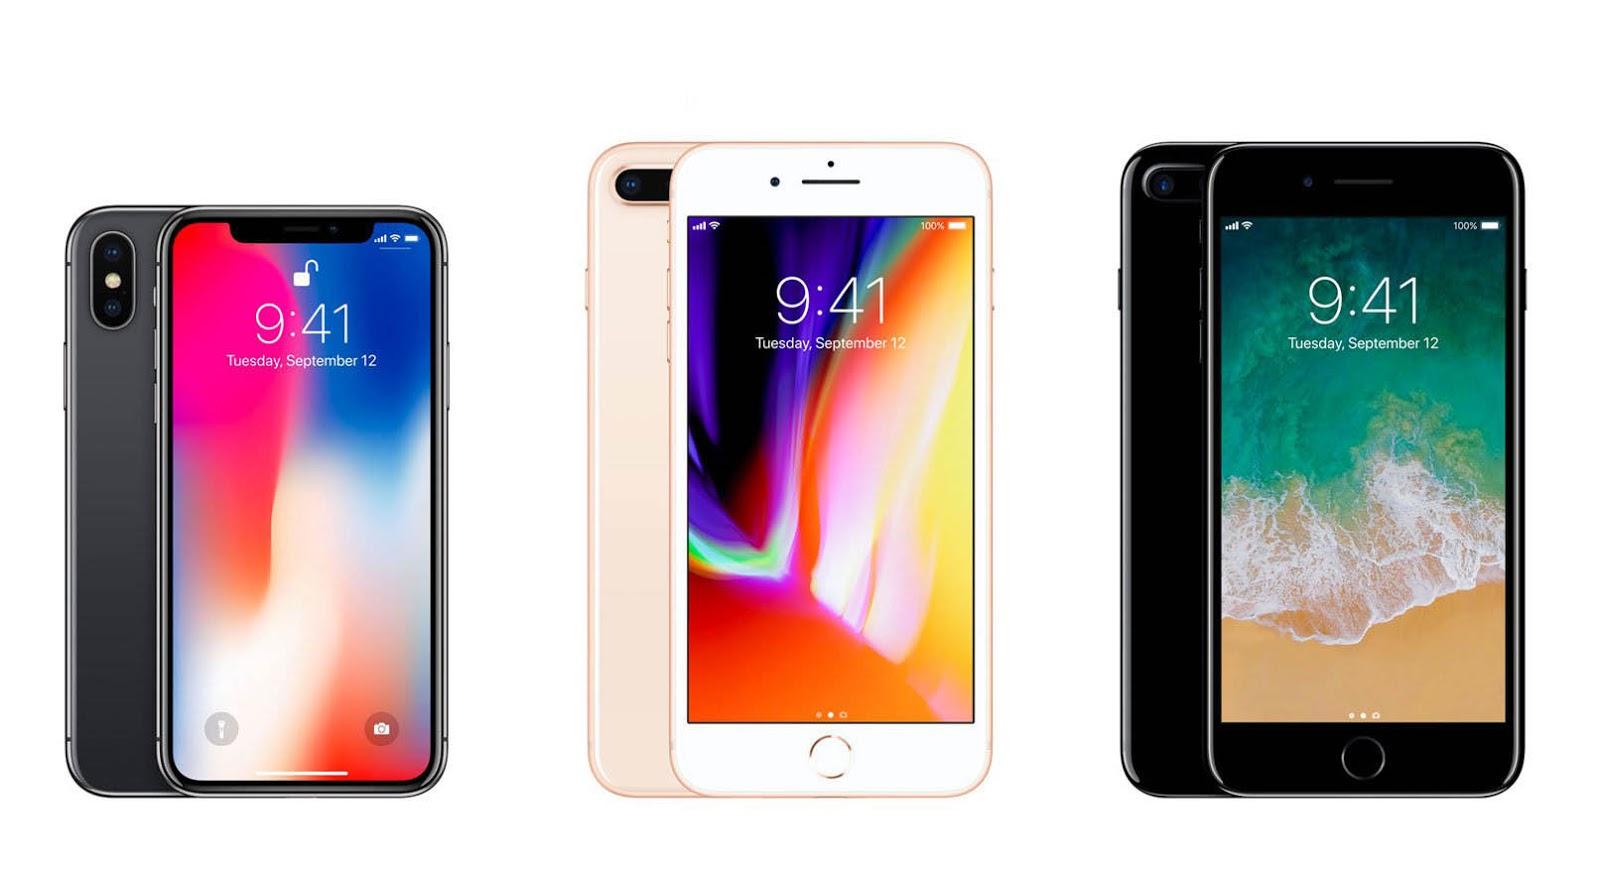 Bảng so sánh cấu hình của iphone 7, iphone 7 plus, iphone 8, iphone plus và iphone X